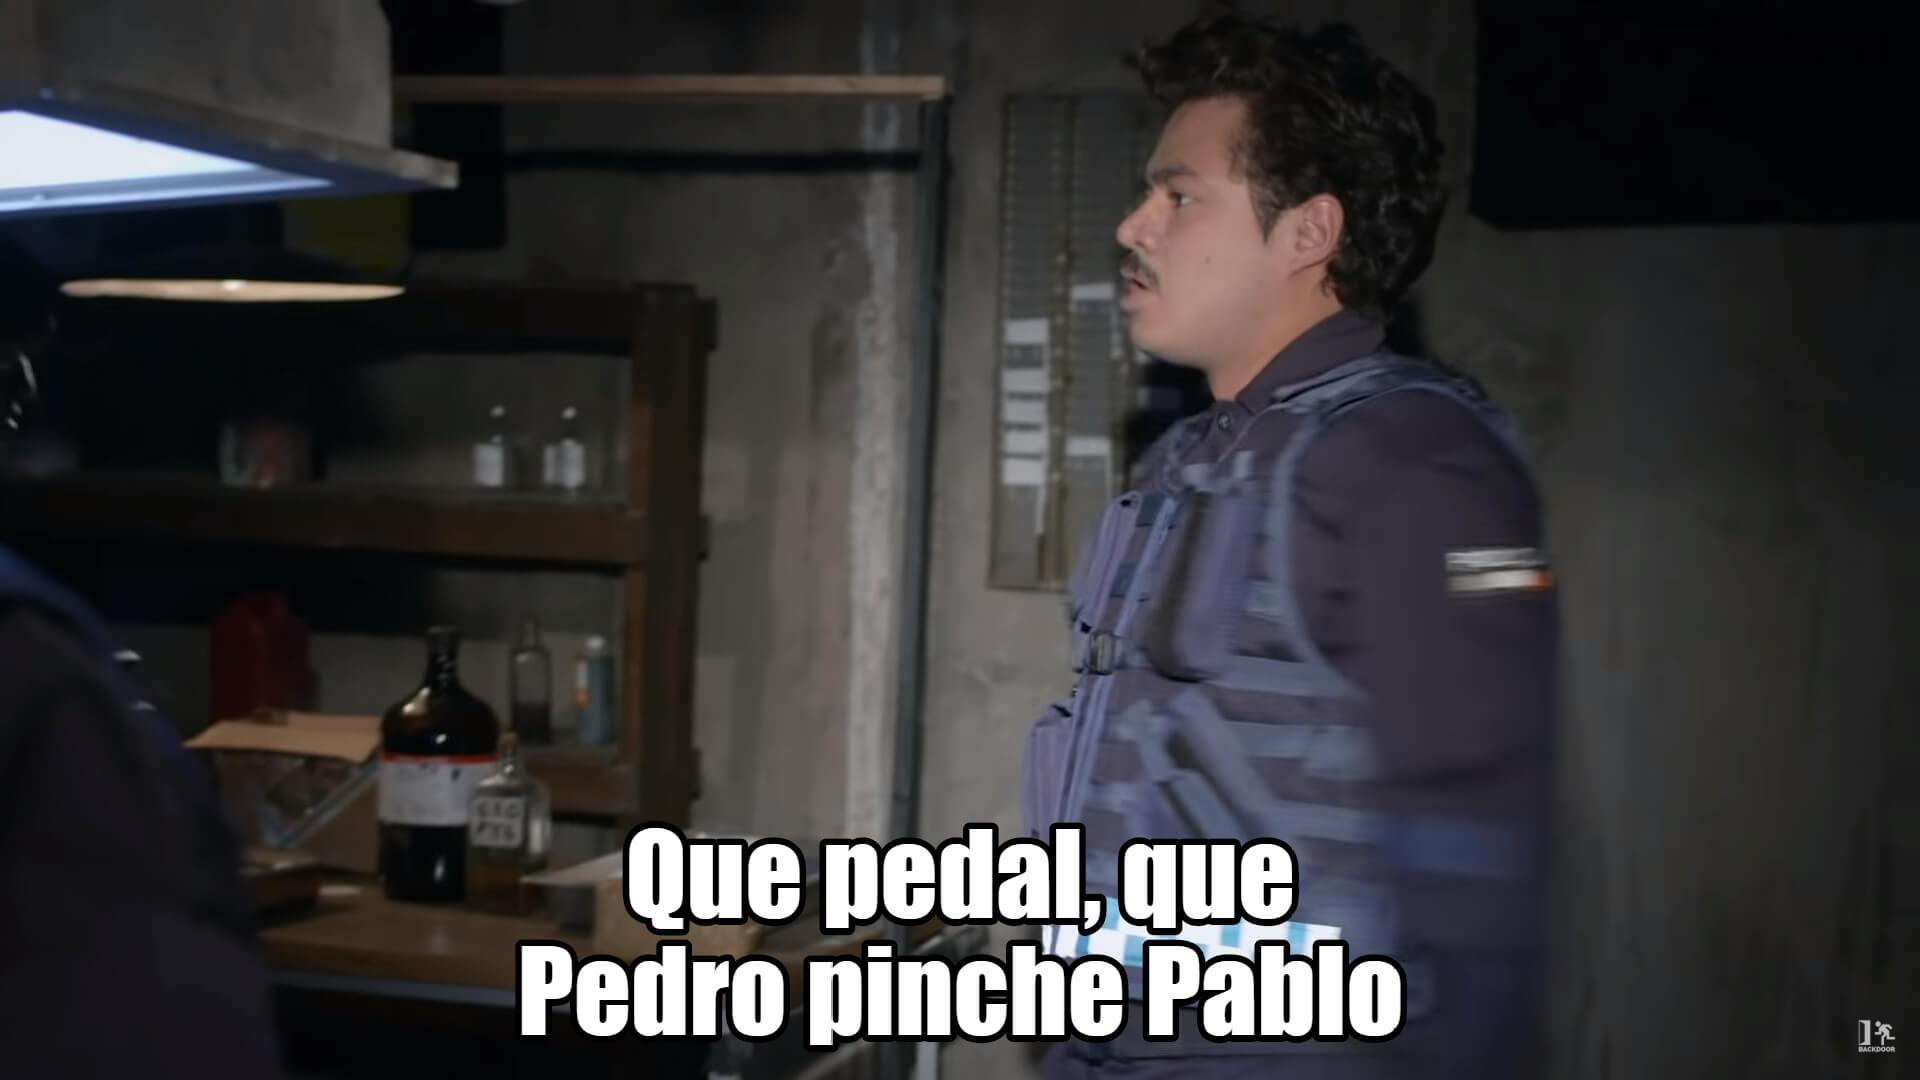 Plantilla de Que pedal, que Pedro pinche Pablo